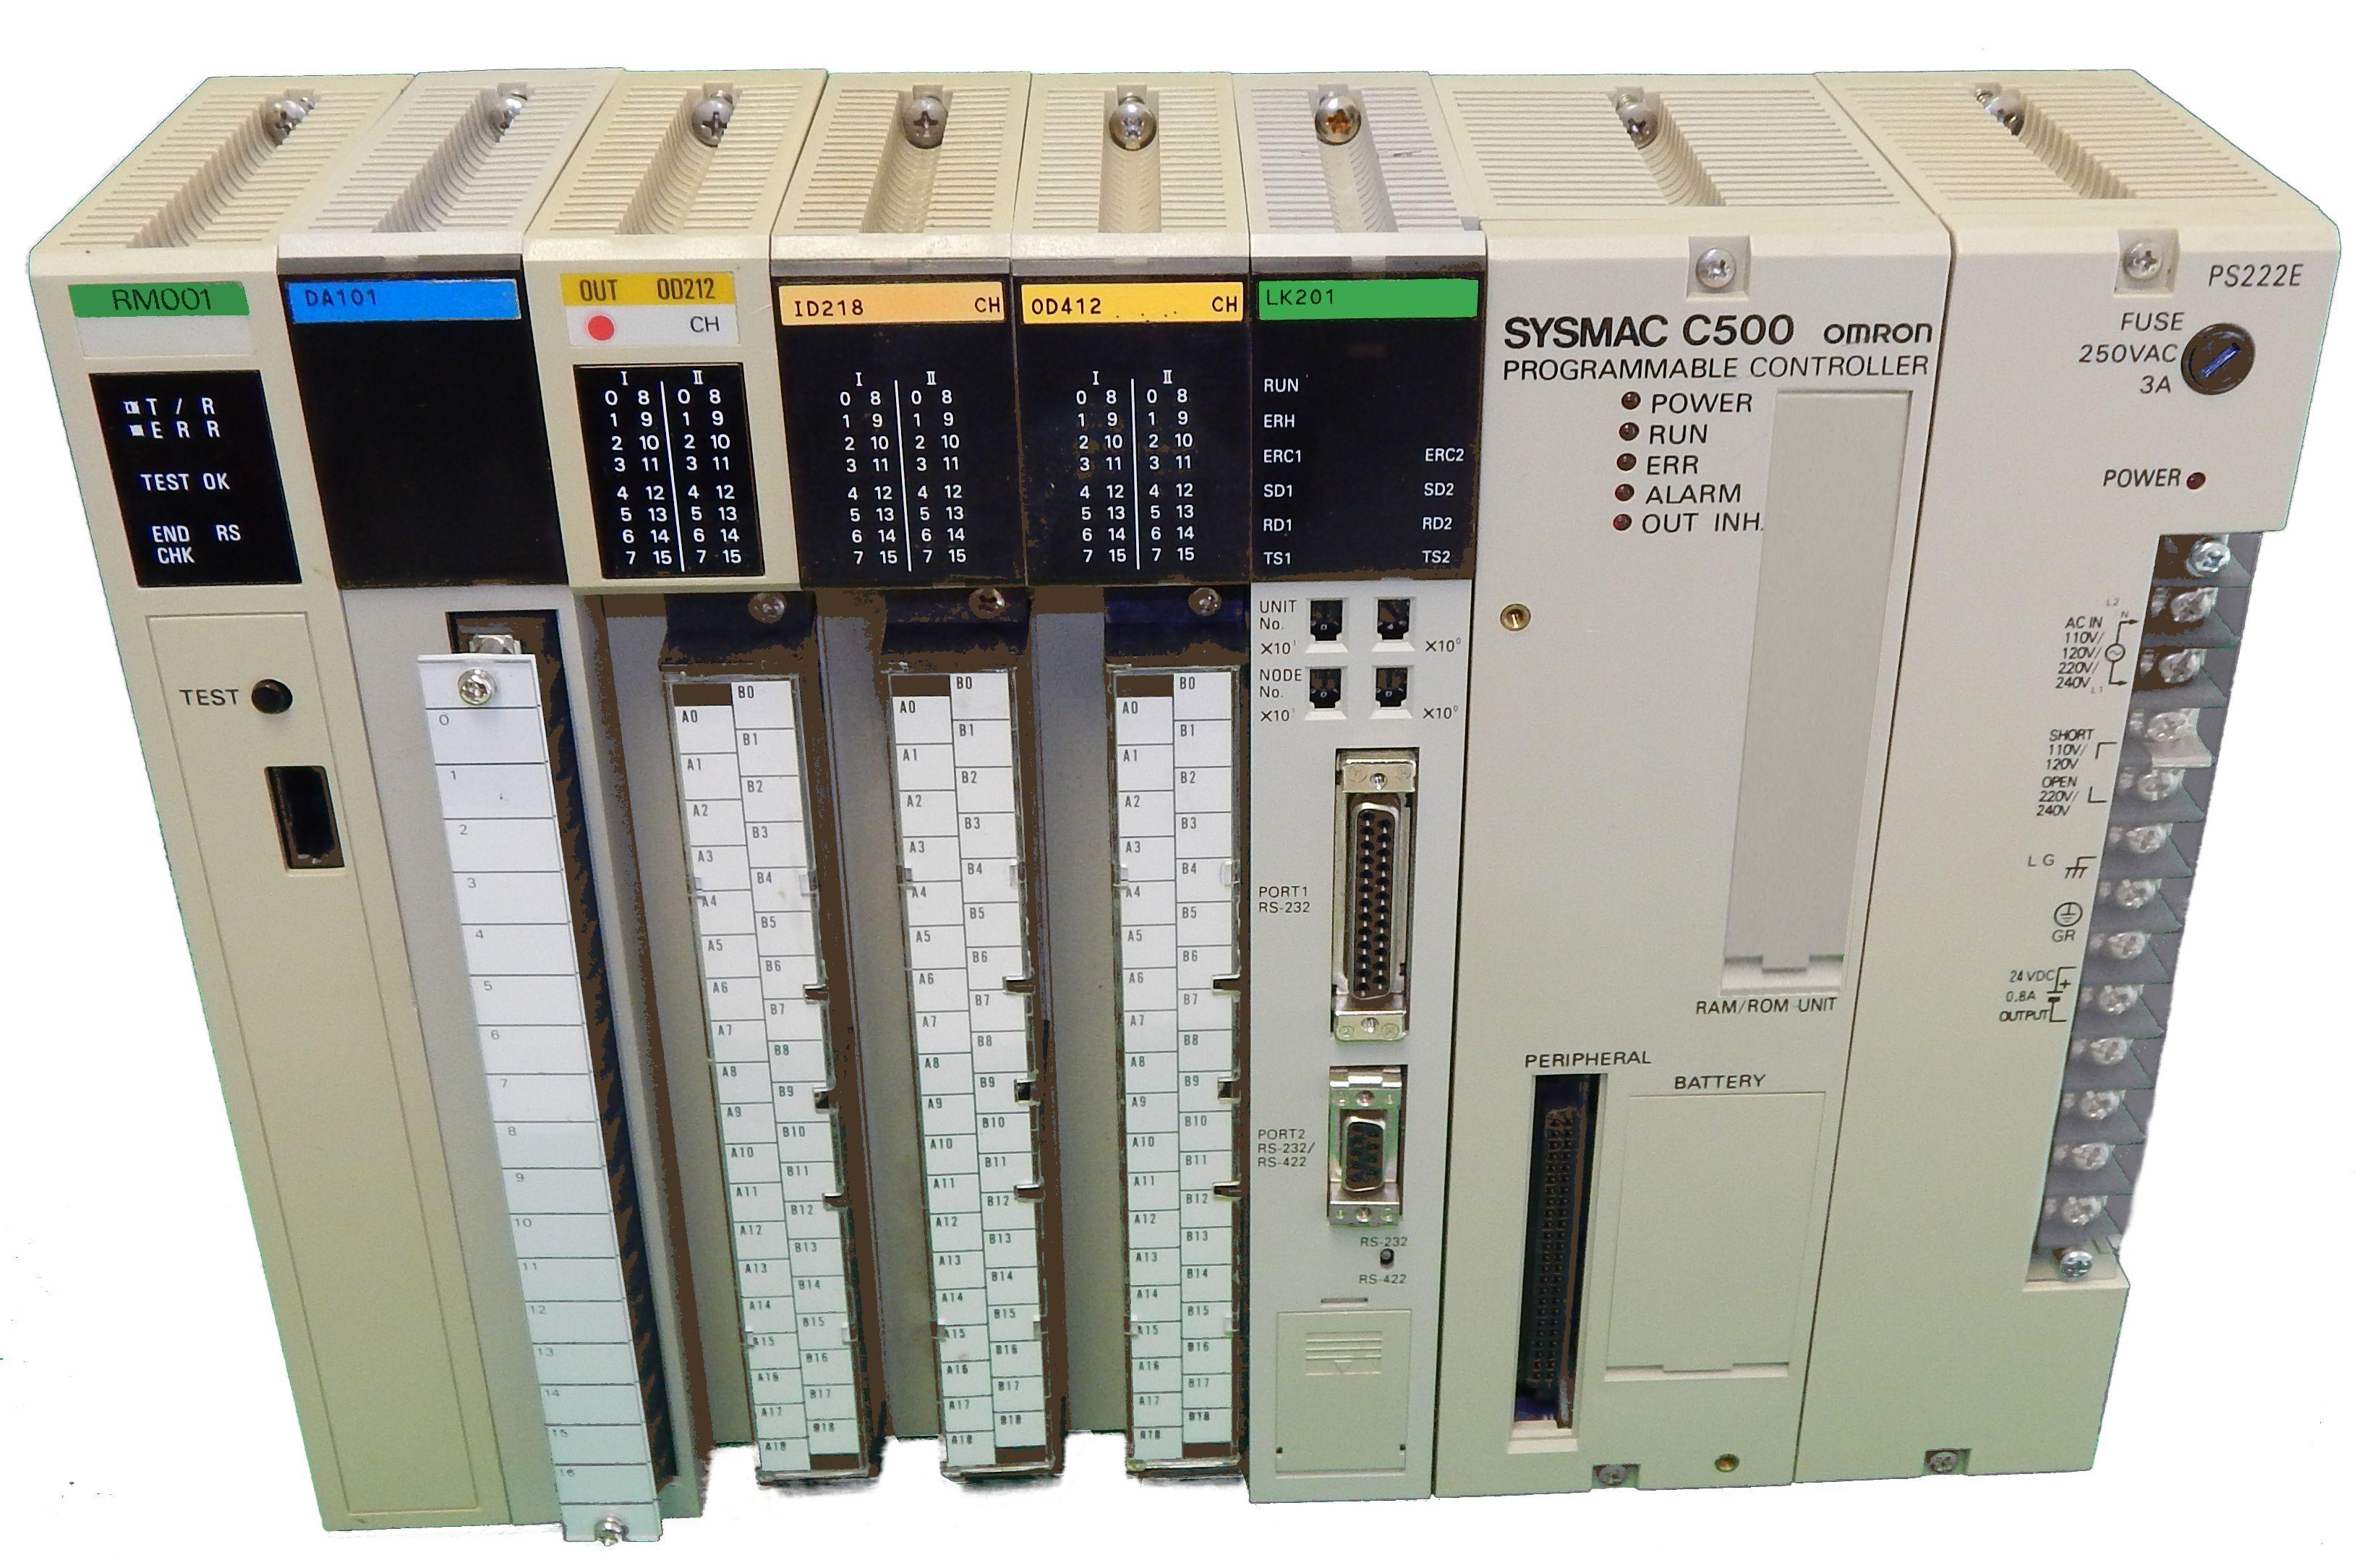 3G2A5-DA001